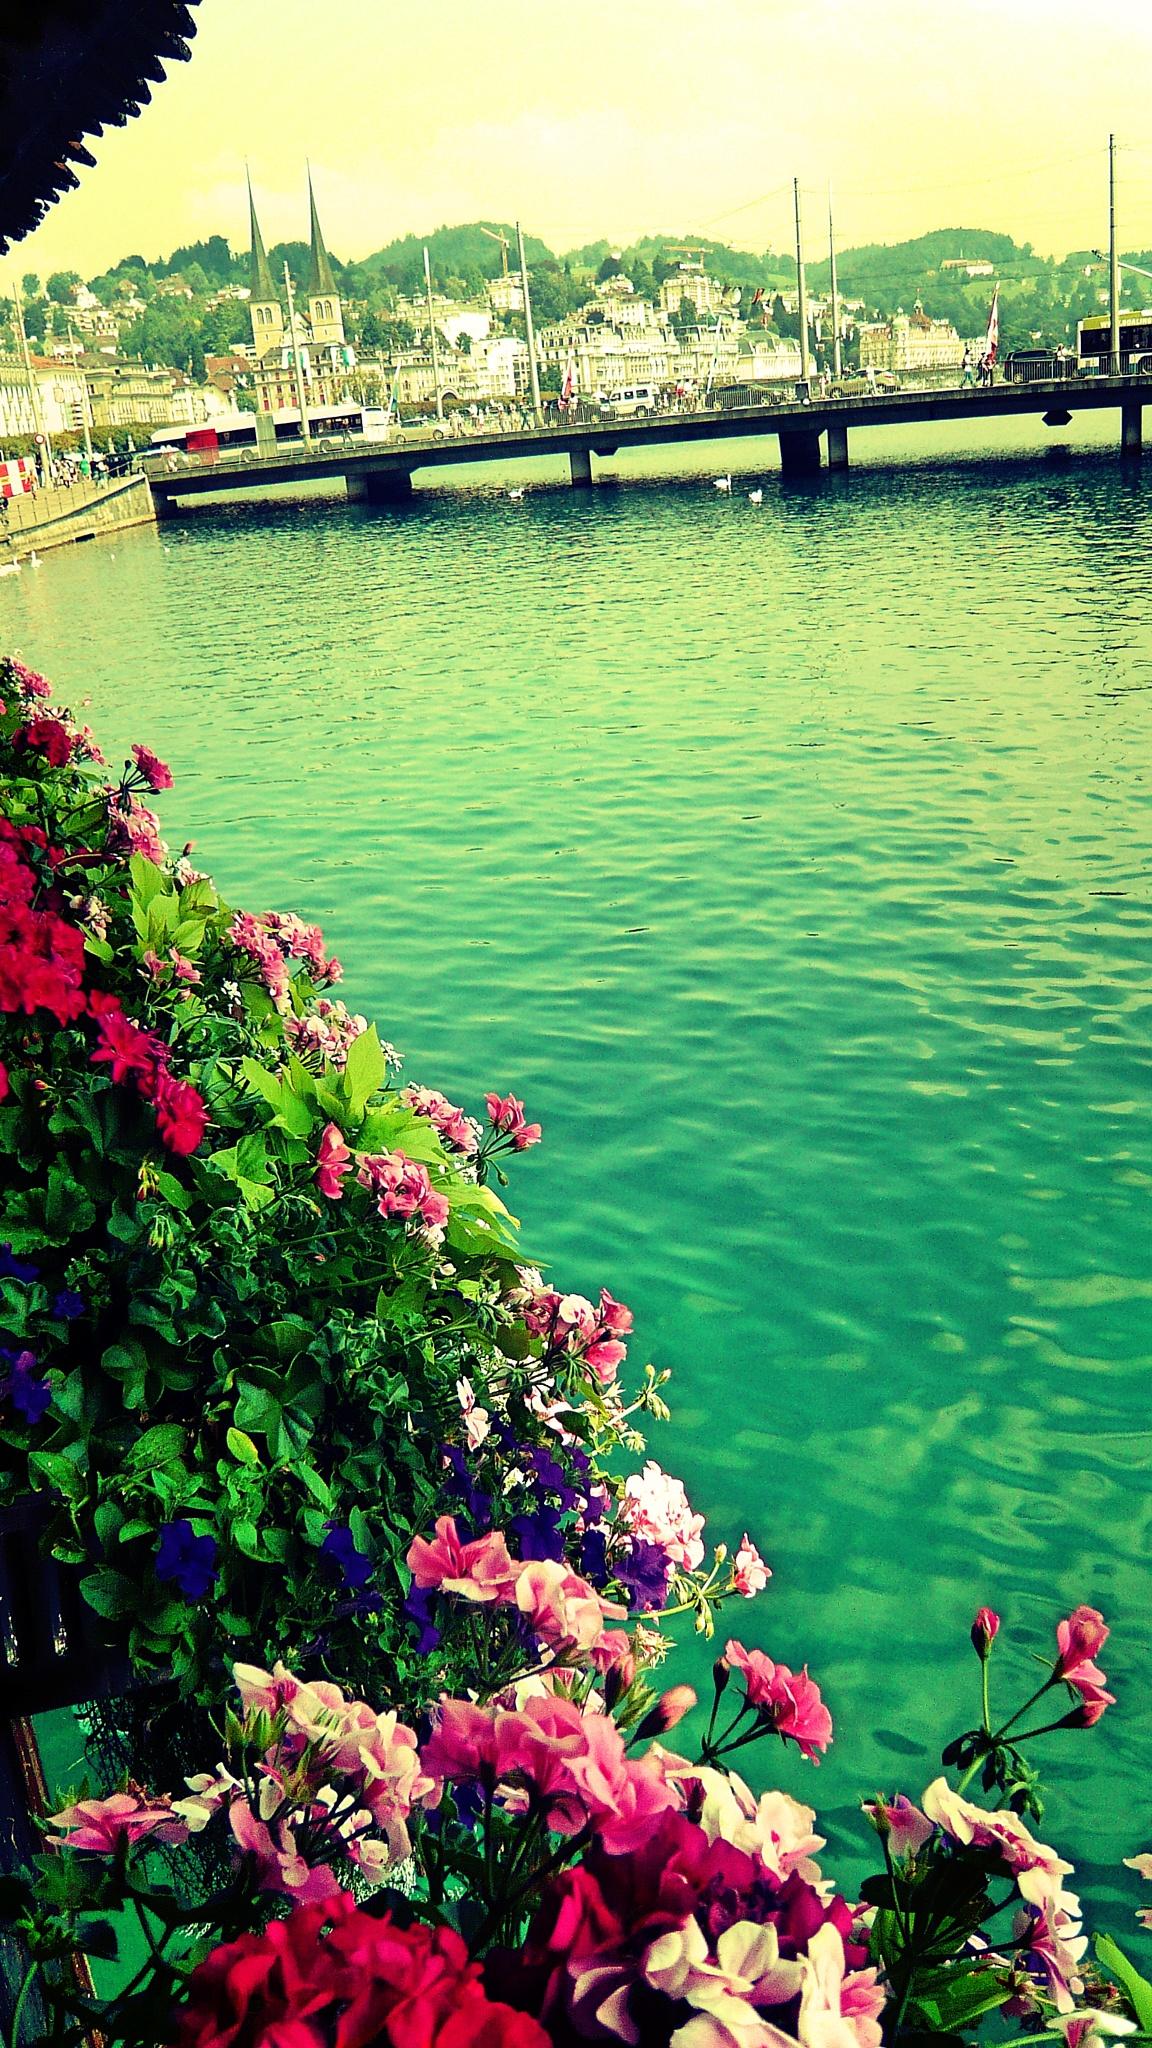 The flowers of Luzern by Rudy Tarrazona Guacena